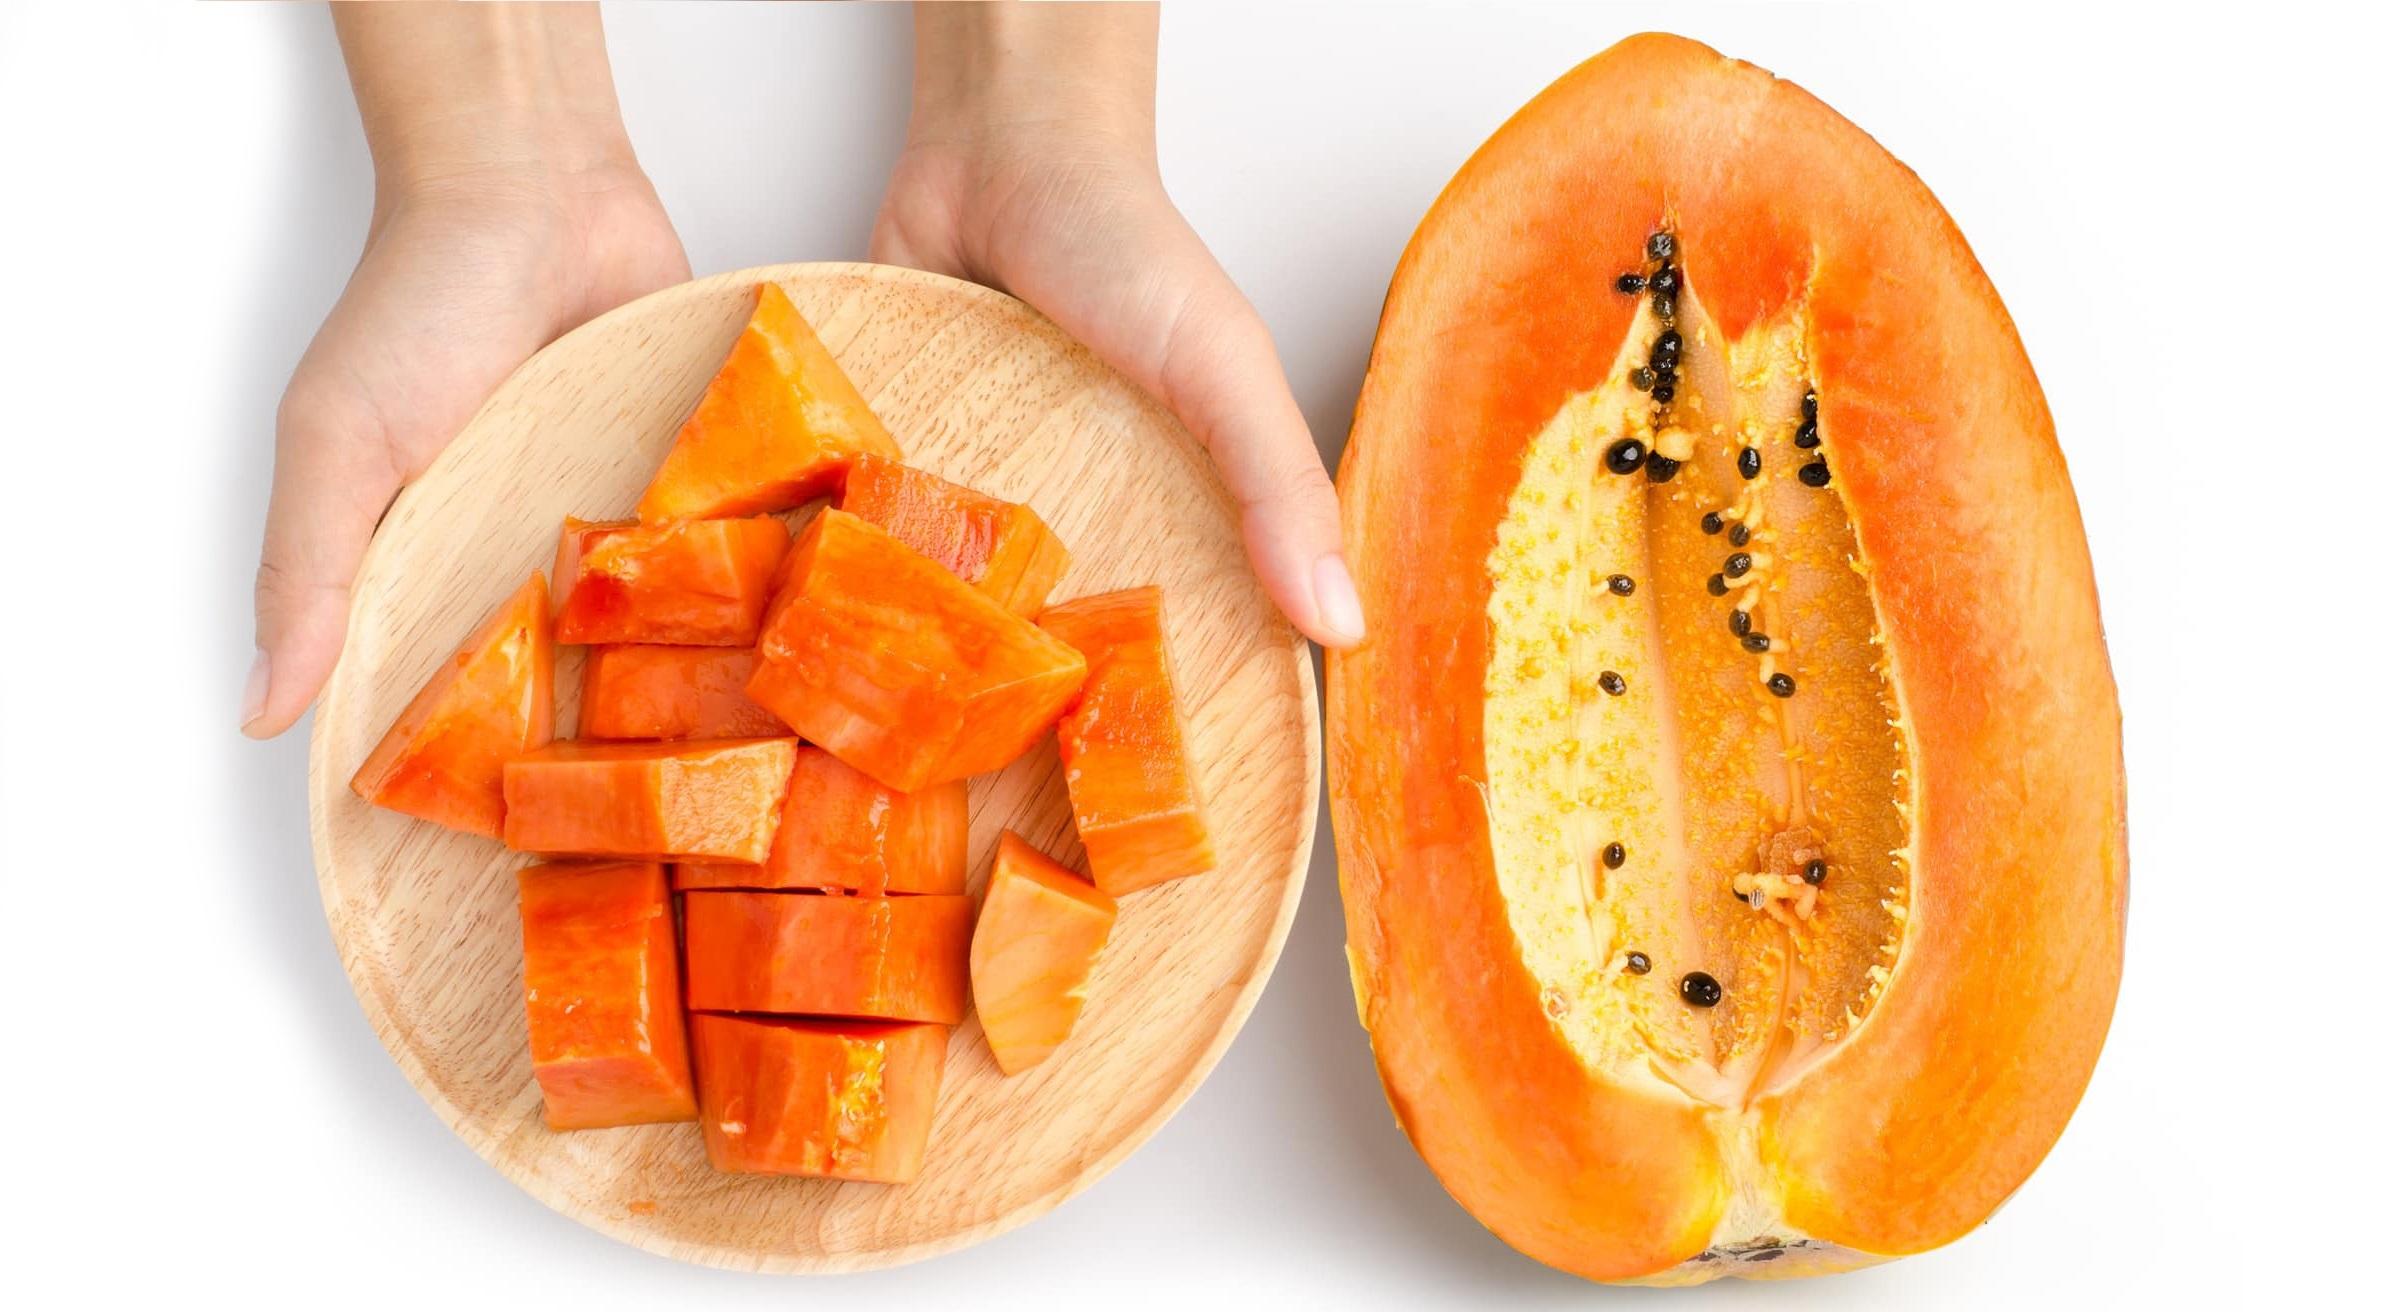 8 điều có thể xảy ra với cơ thể nếu ăn đu đủ một lần mỗi tuần